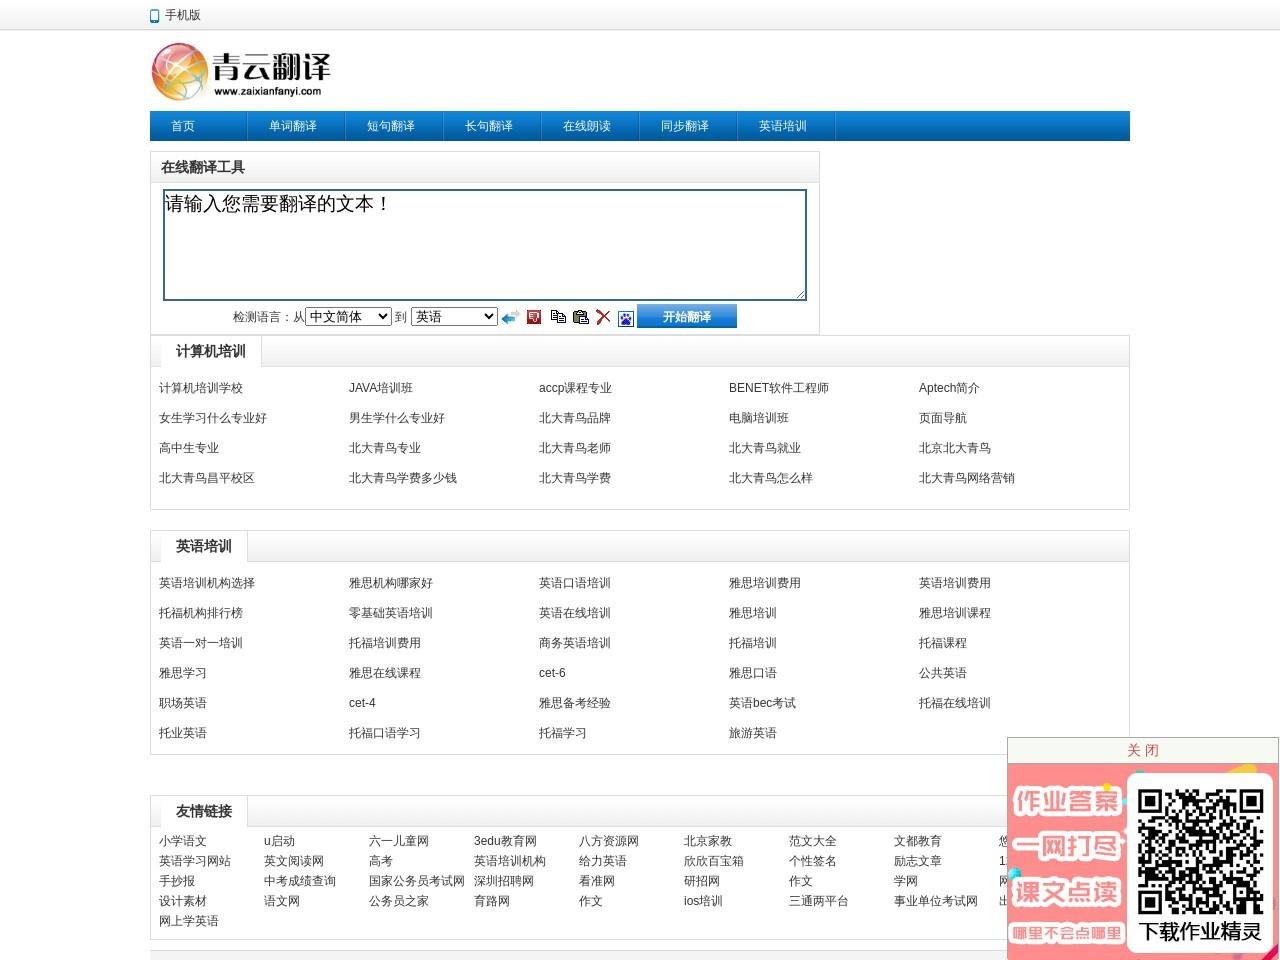 北京北大青鸟,北京北大青鸟怎么样,北京北大青鸟网站